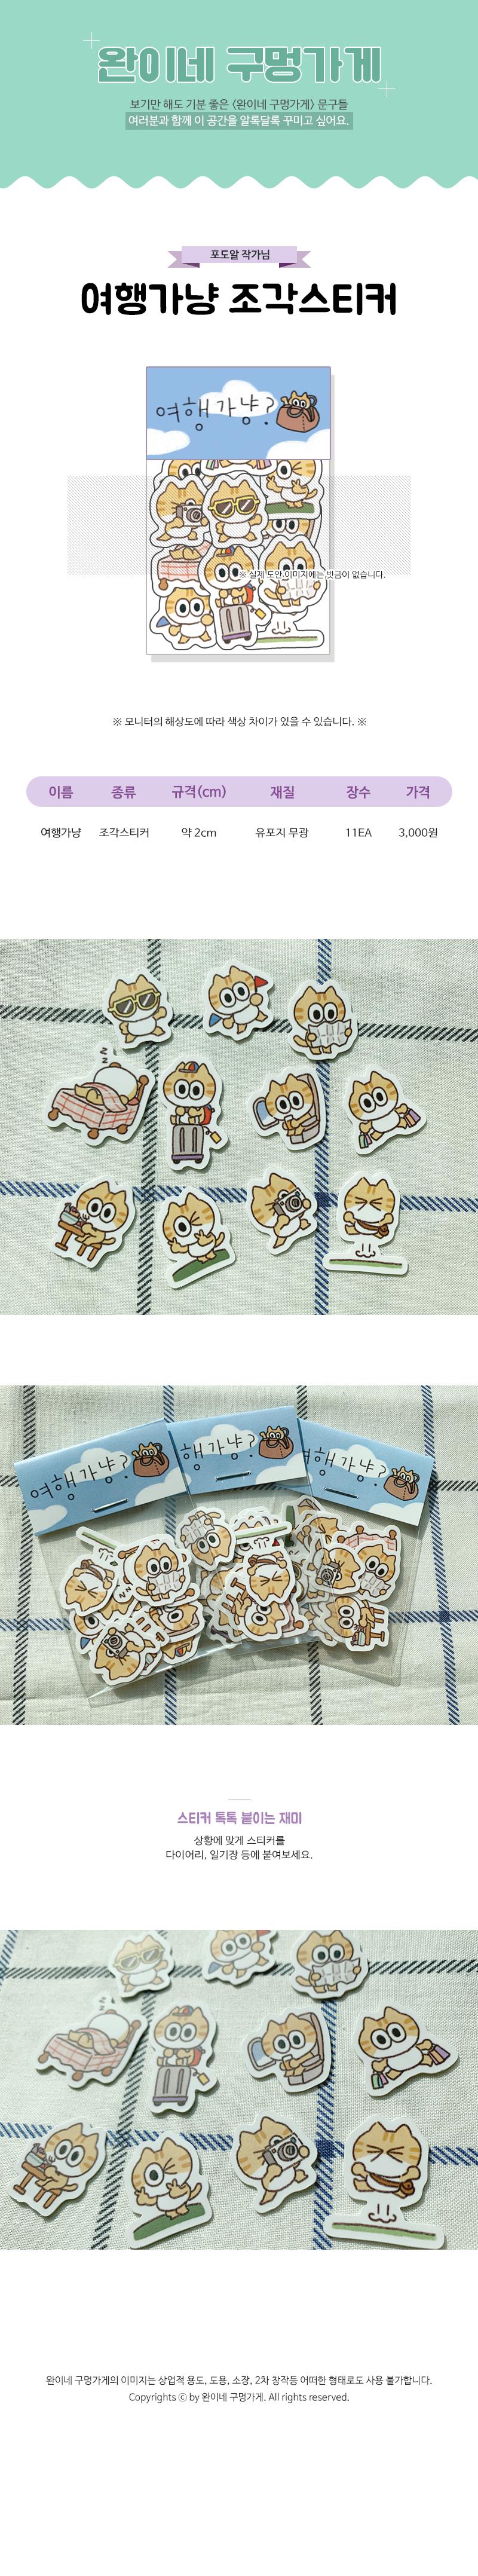 sticker641